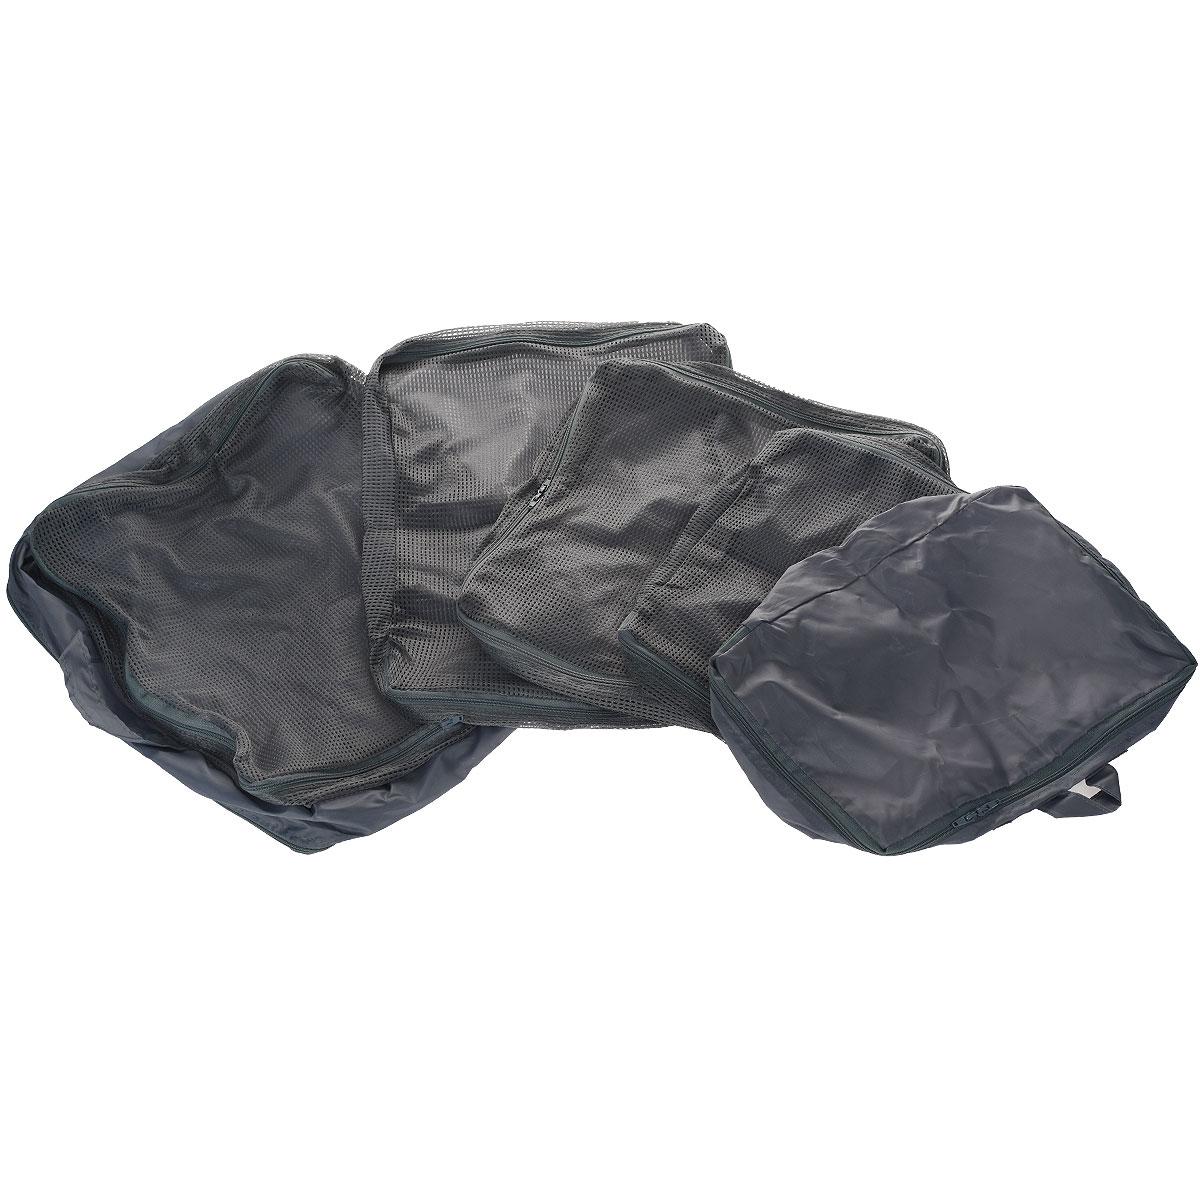 Набор чехлов для путешествий Bradex Бон Вояж, цвет: серый. TD 0222TD 0222Набор чехлов для путешествий Bradex Бон Вояж включает в себя 5 чехлов разного размера, изготовленных из полиэстера серого цвета. Чехлы закрываются на застежку-молнию и оснащены сетчатыми вставками, благодаря которым вы без труда сможете определить их содержимое. Чехлы-органайзеры помогут аккуратно разместить и защитить вещи внутри чемодана, а также упростят сборы и распаковку вещей. Характеристики: Материал: полиэстер. Цвет: серый. Размеры чехлов: 25 см x 18,5 см x 5 см. 35,5 см x 32 см x 12,5 см. 36 см x 28,5 см x 6 см. 29 см x 28 см x 6 см. 30 см x 20 см x 10 см. Изготовитель: Китай. Артикул: TD 0222.